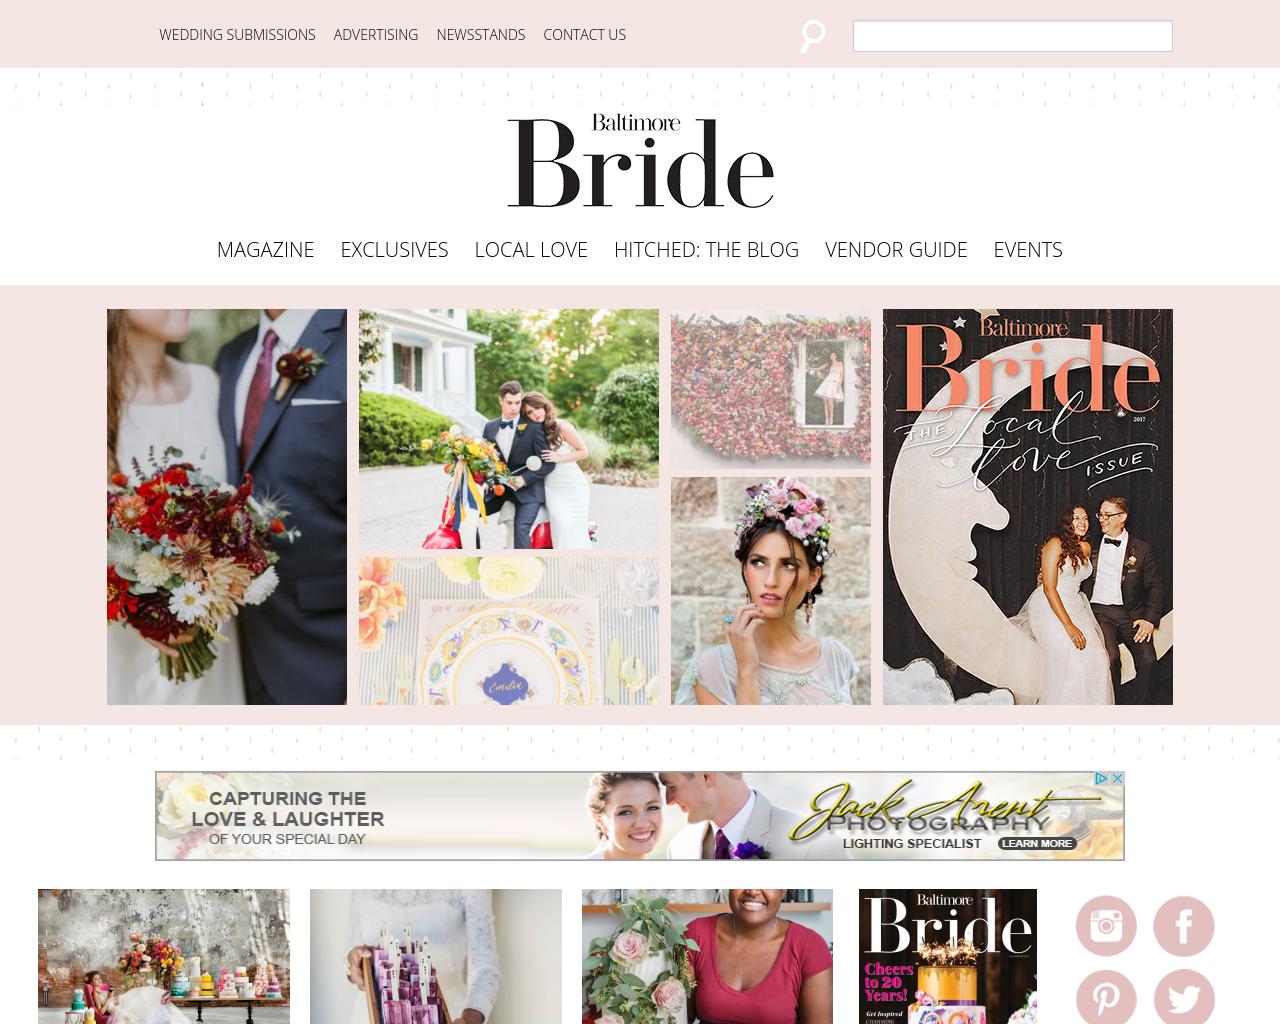 Baltimore-Bride-Advertising-Reviews-Pricing